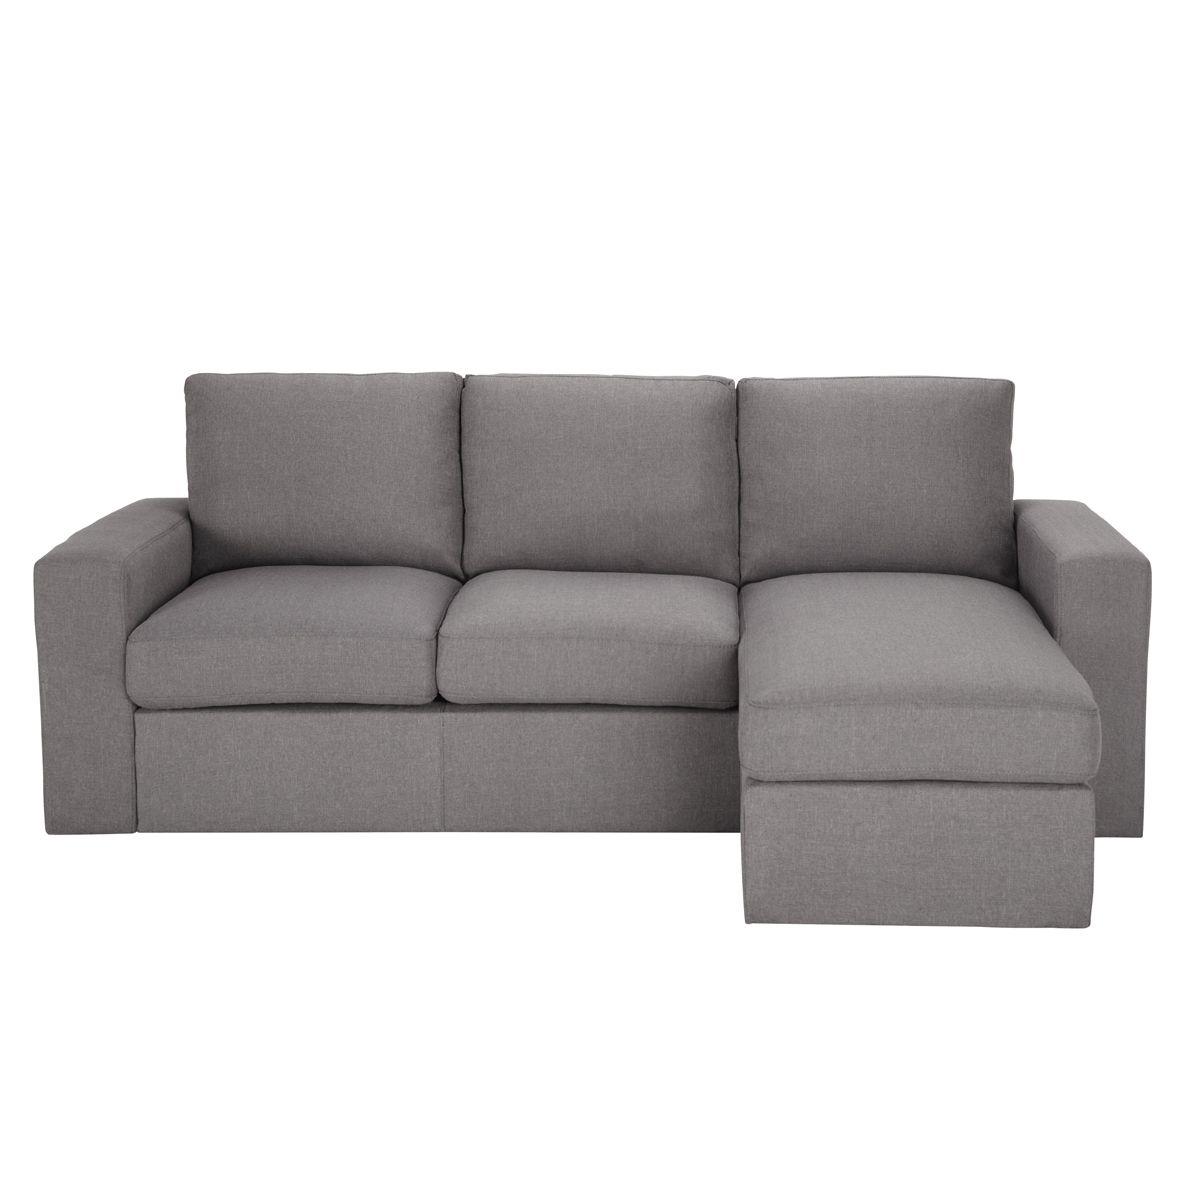 Canapé d'angle 3 places fixe gris JULES maison du monde | déco